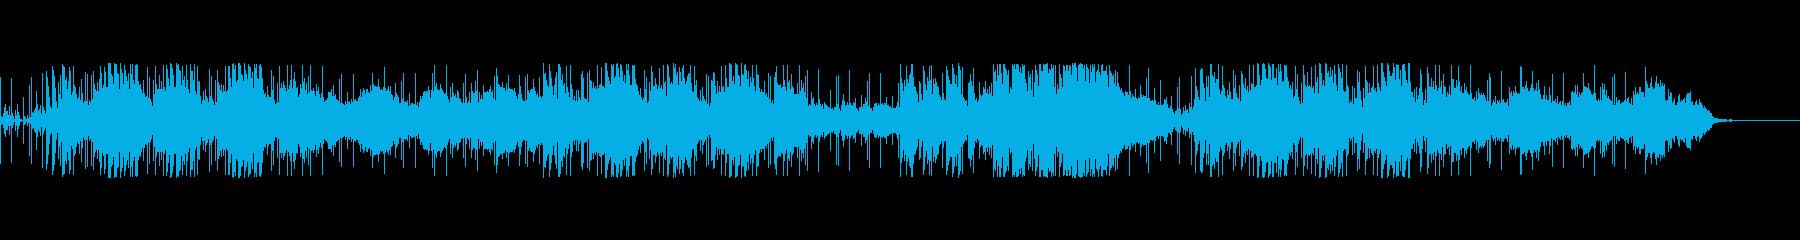 16ビートピアノポップス春のそよ風の再生済みの波形